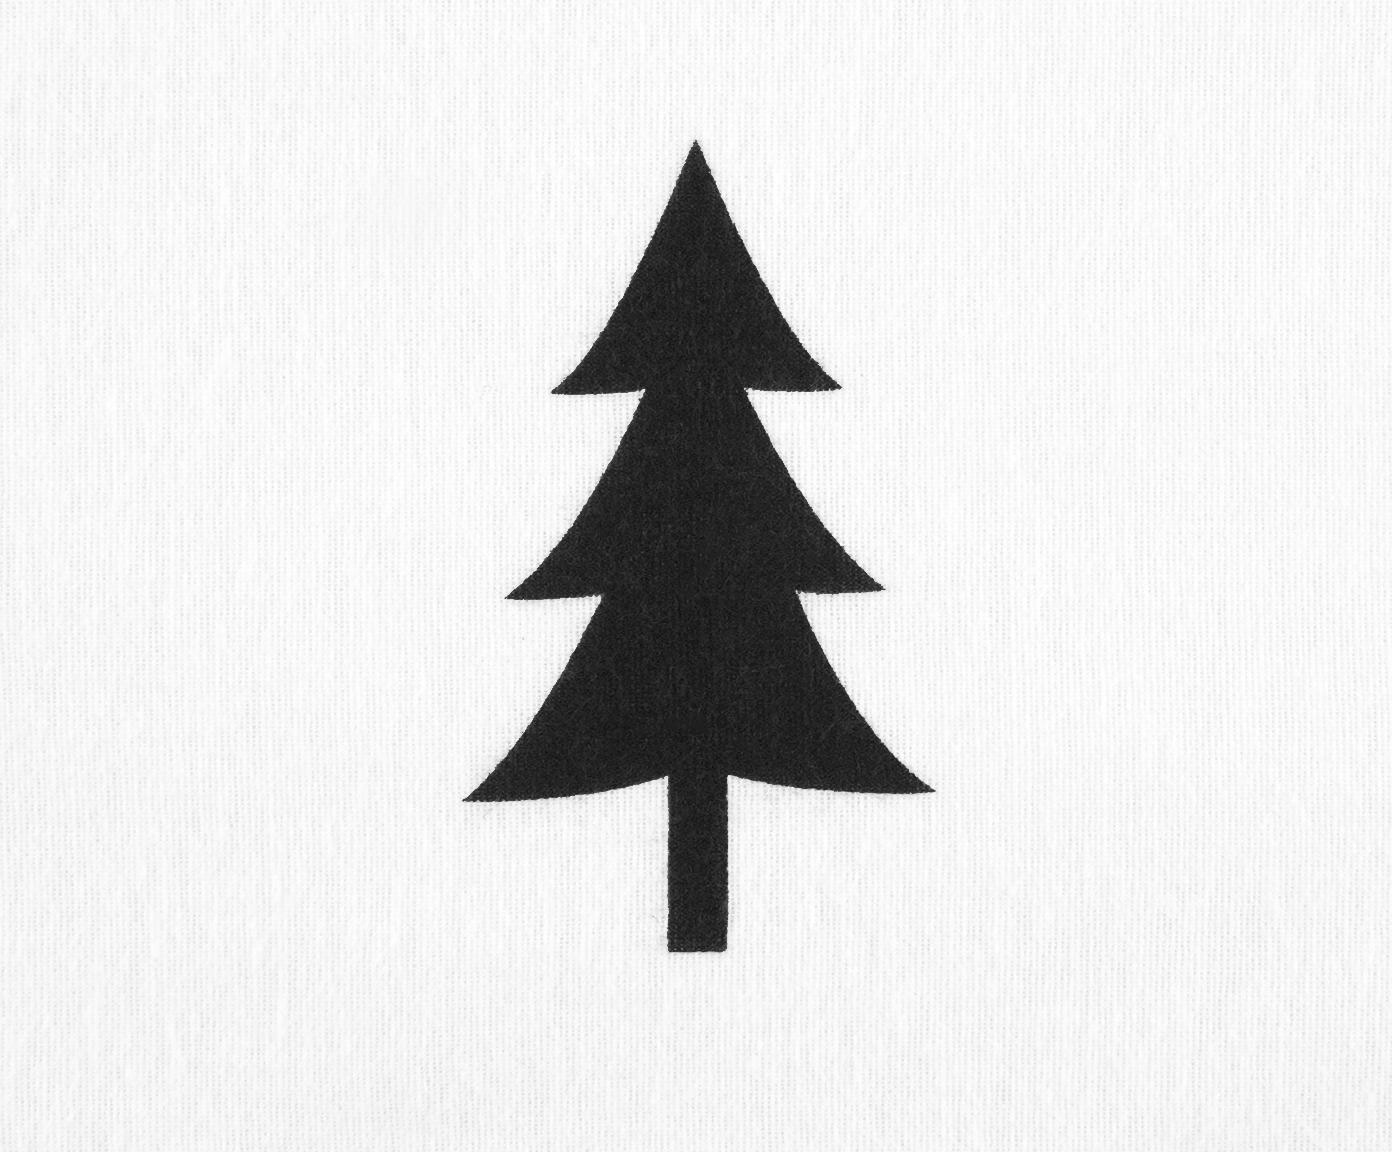 Pościel z flaneli X-mas Tree, Biały, czarny, 240 x 220 cm